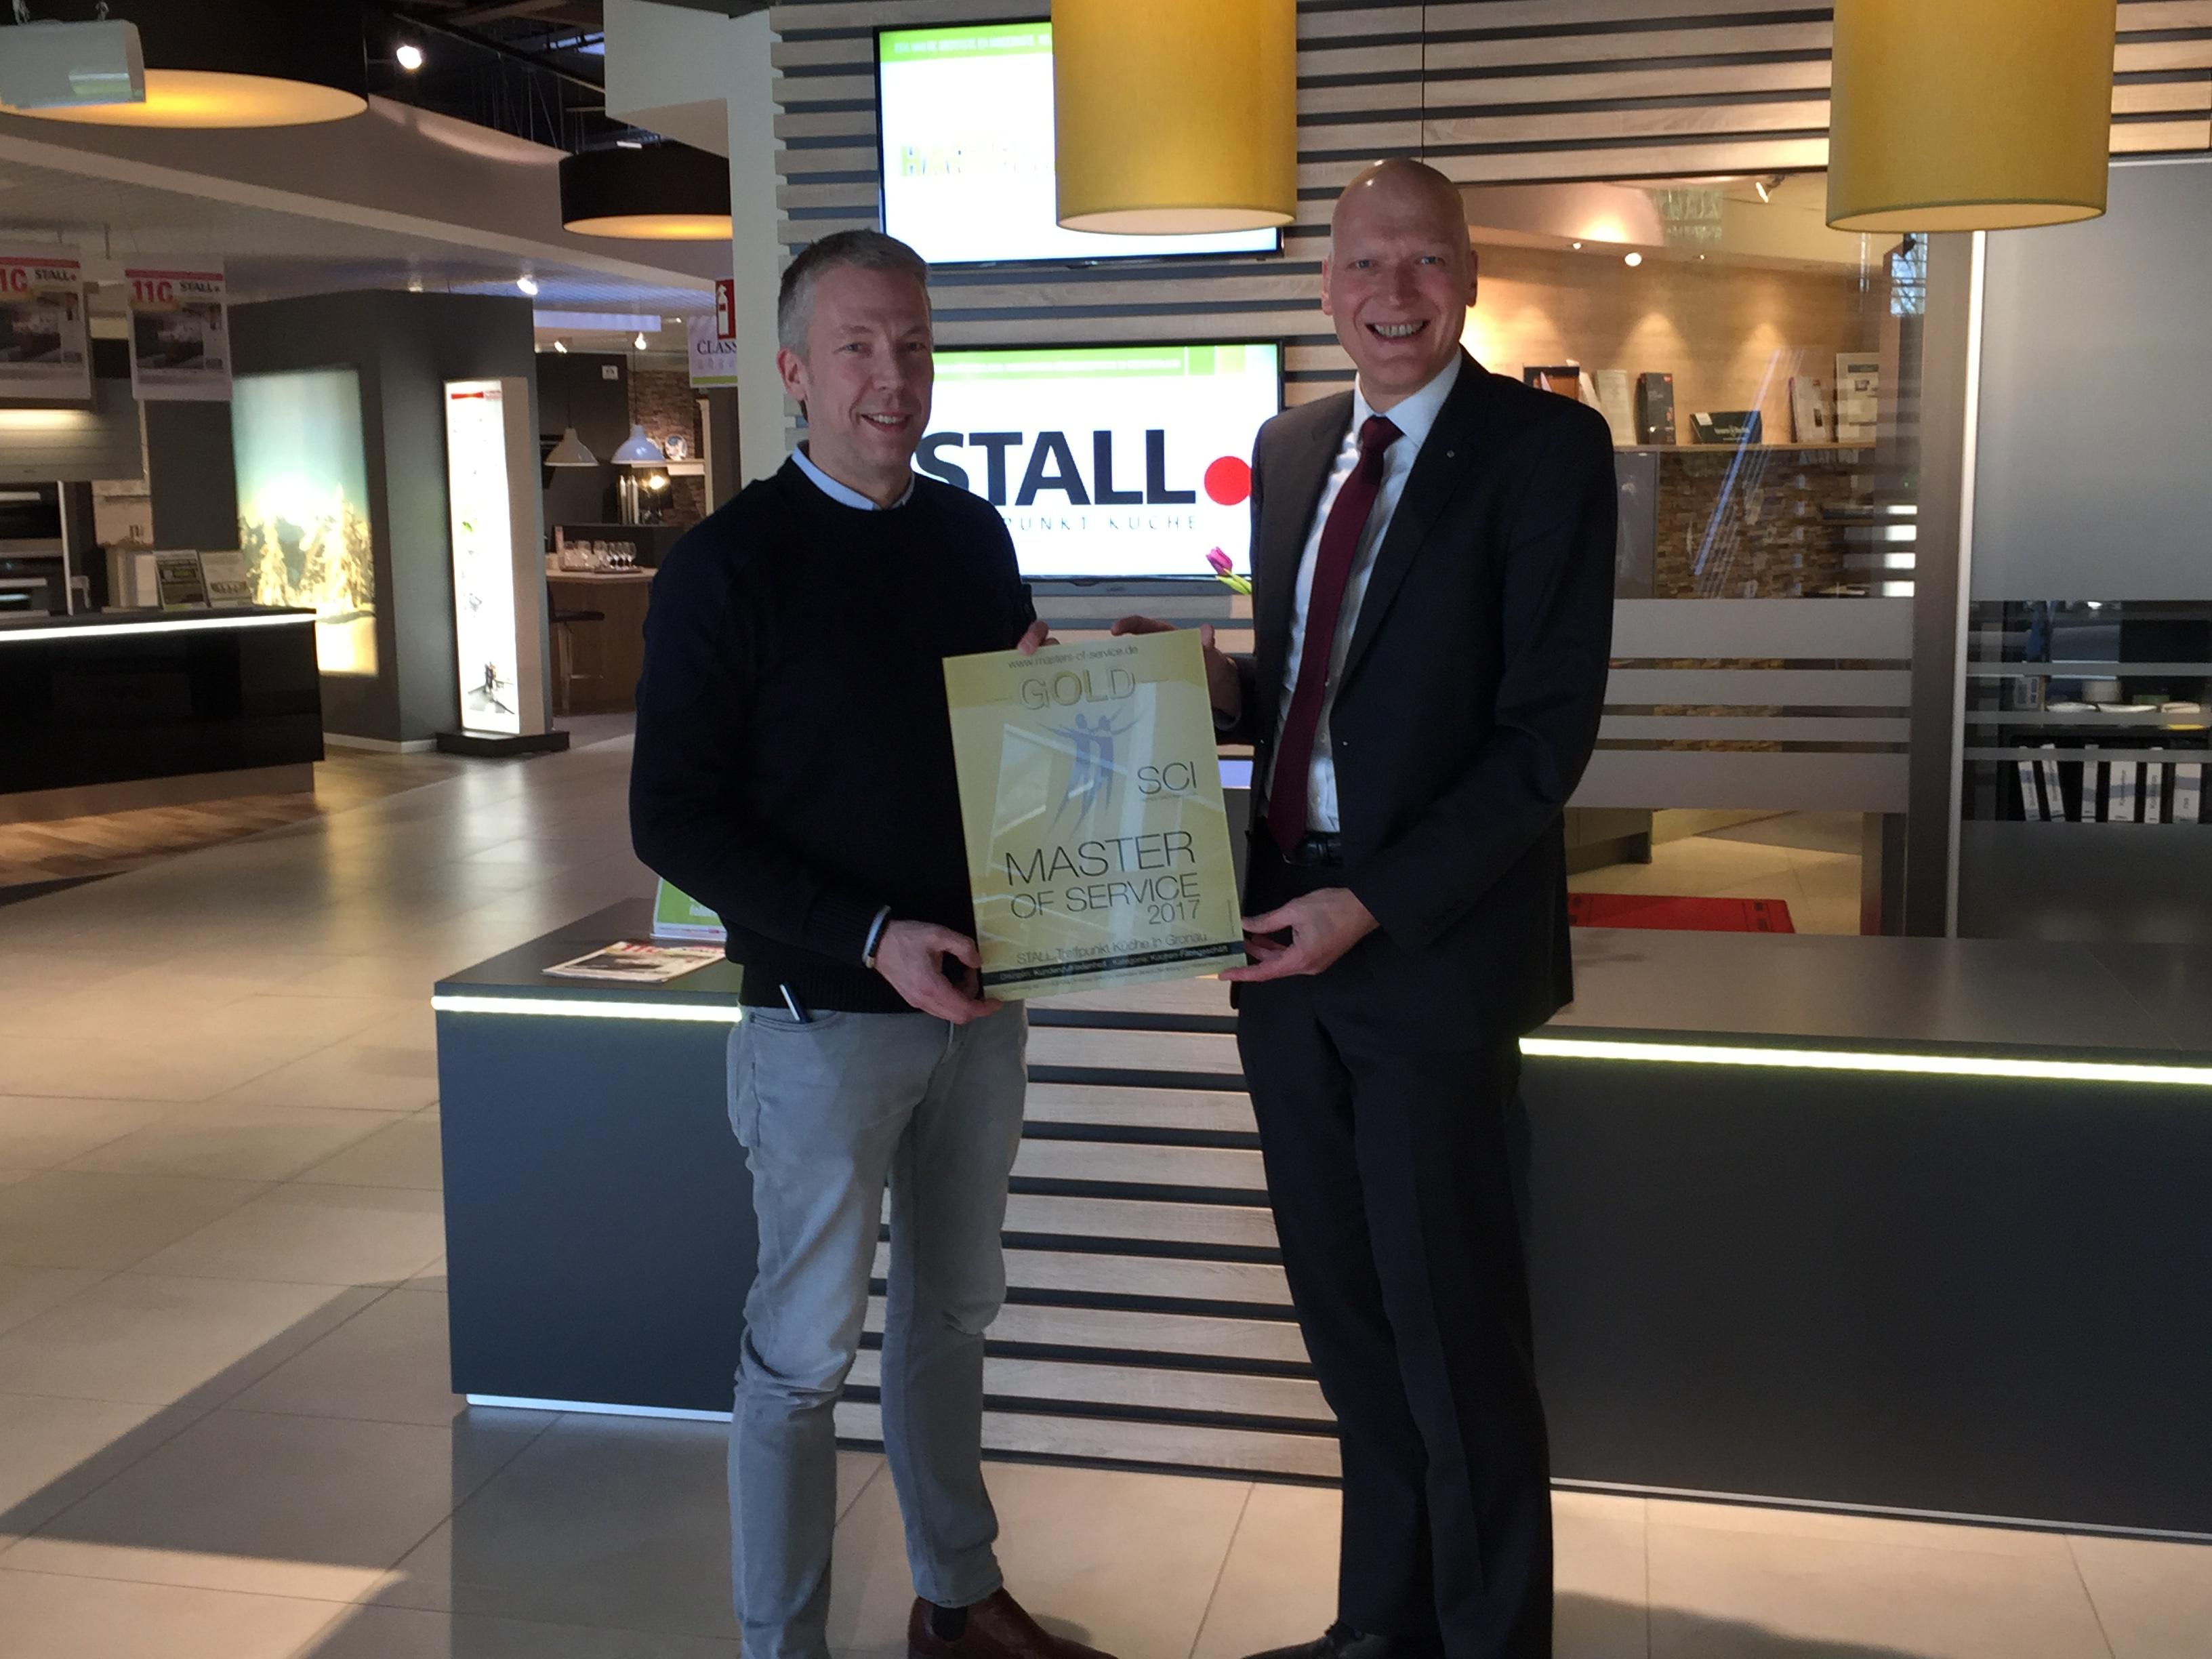 STALL.Treffpunkt Küche erhält Master-of-Service Award 15